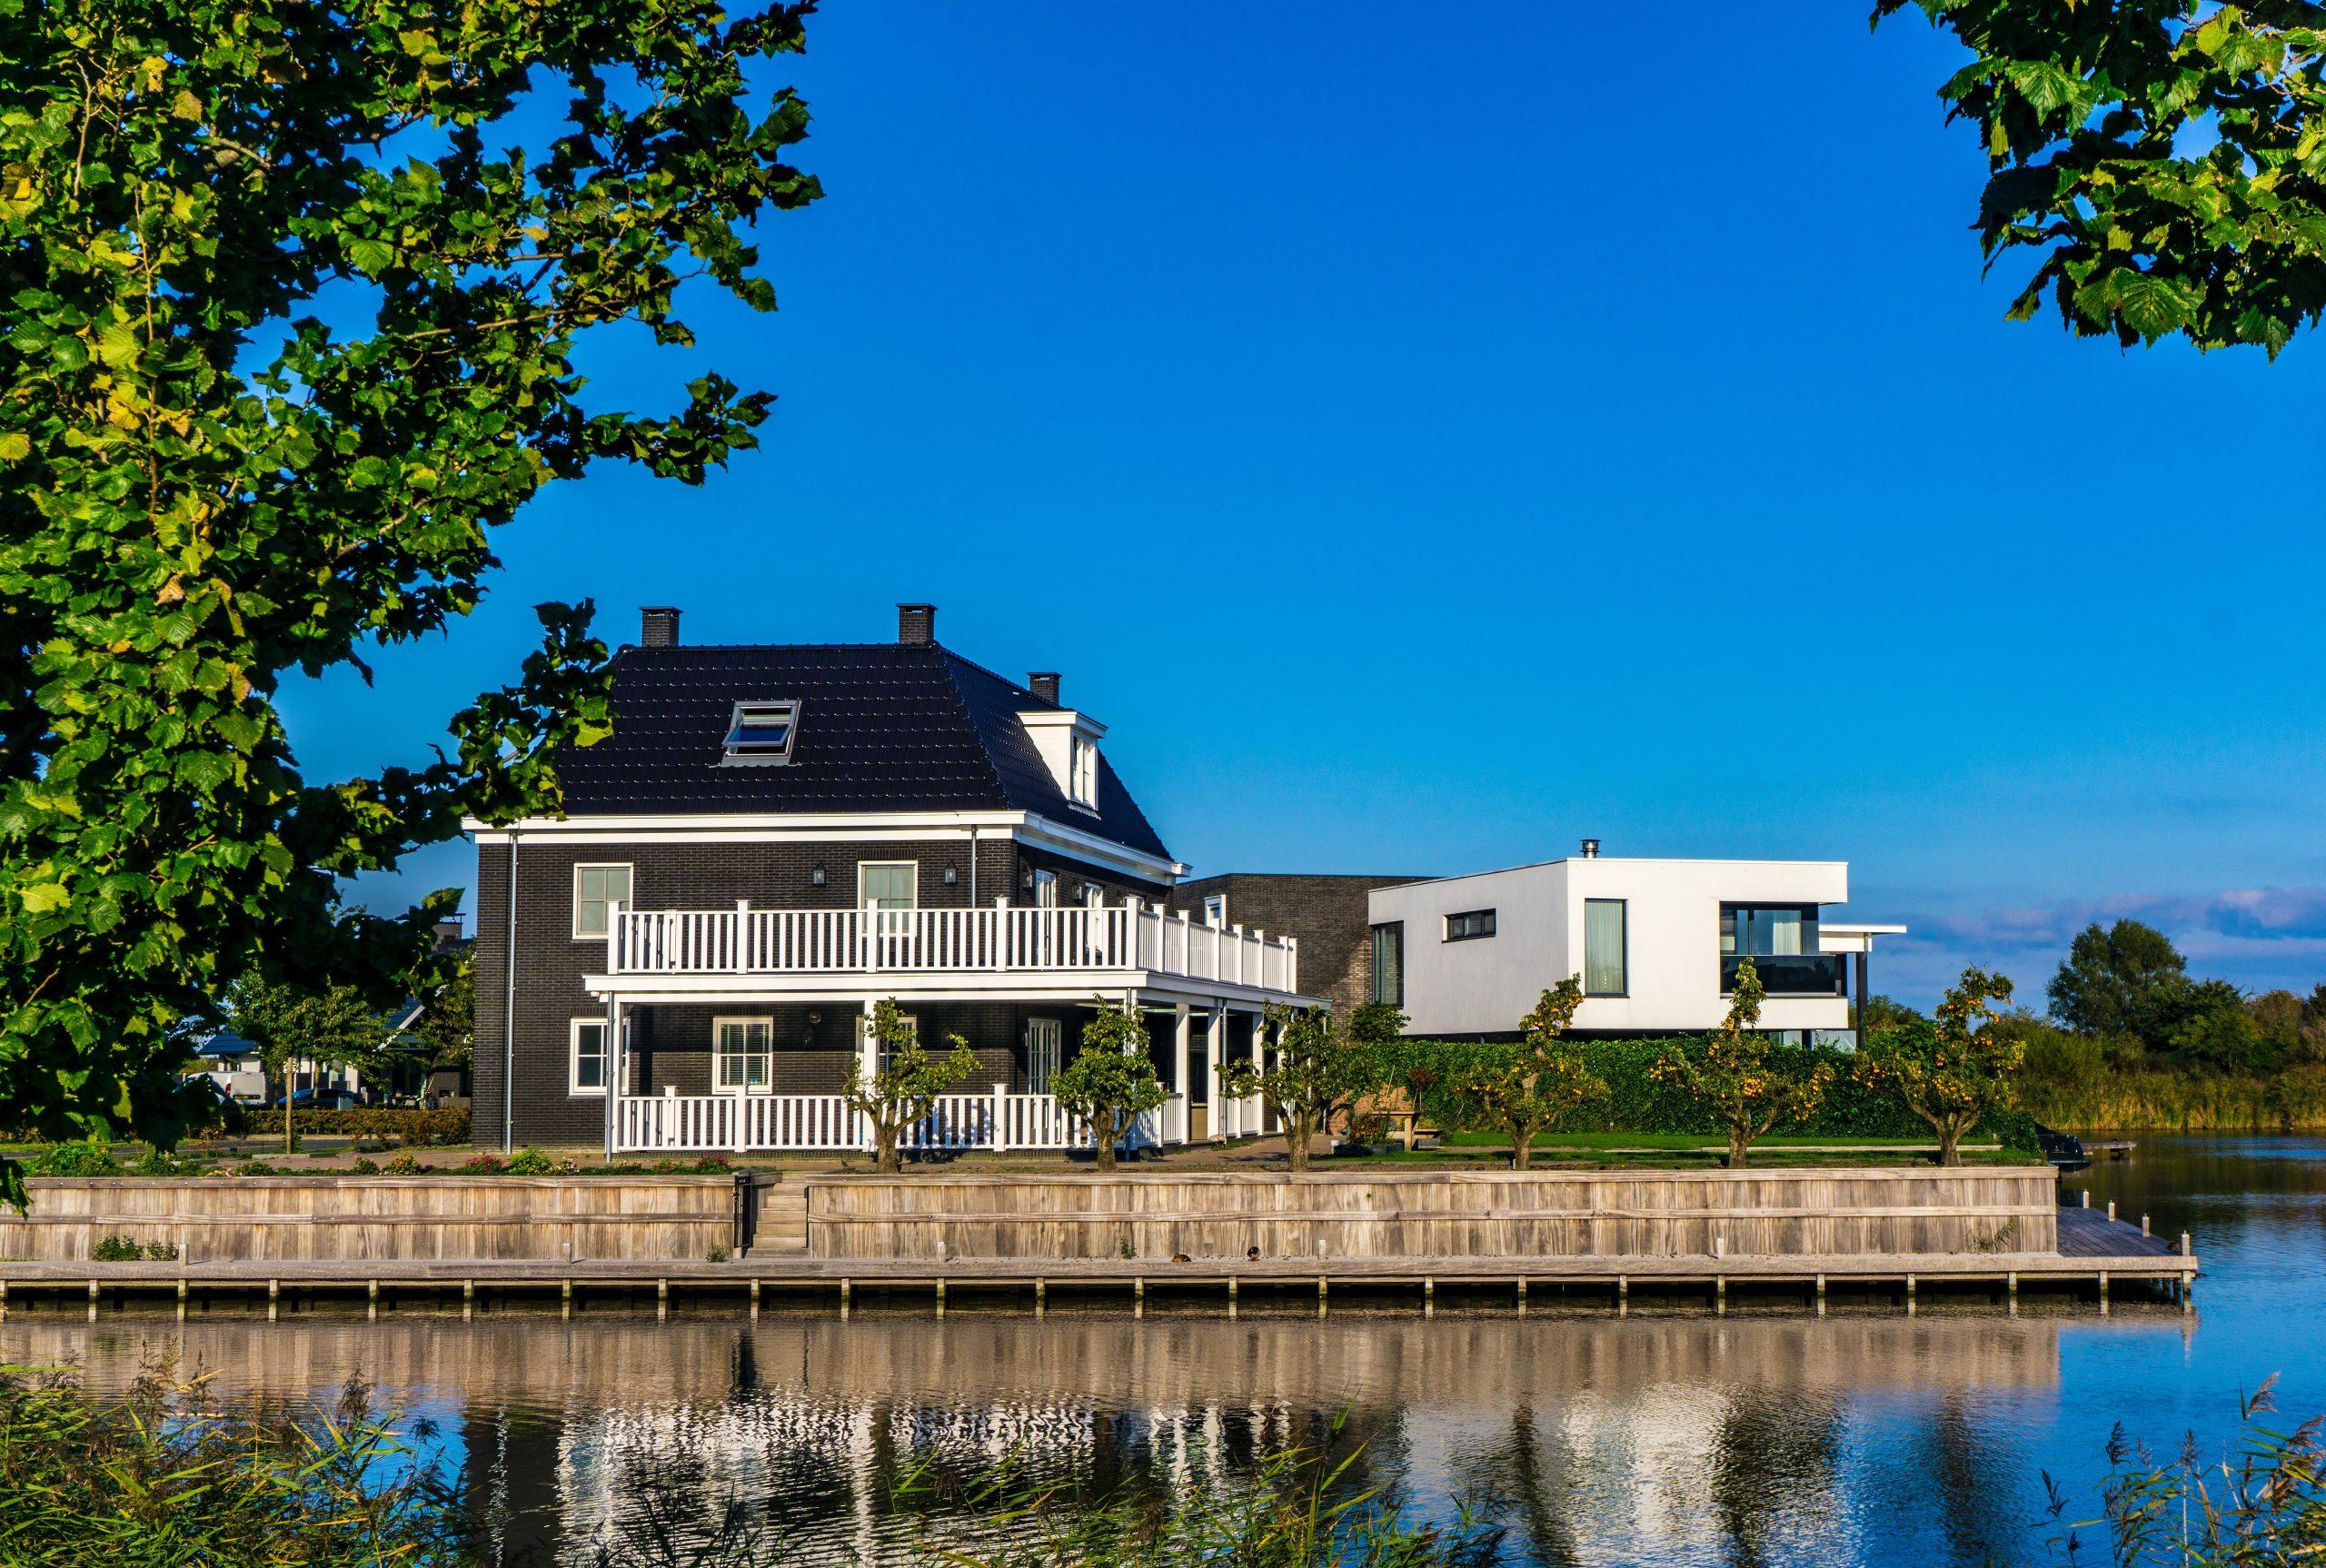 Wat is verkoopprijs huis? – Krijg de meest nauwkeurige schatting van uw huiswaarde